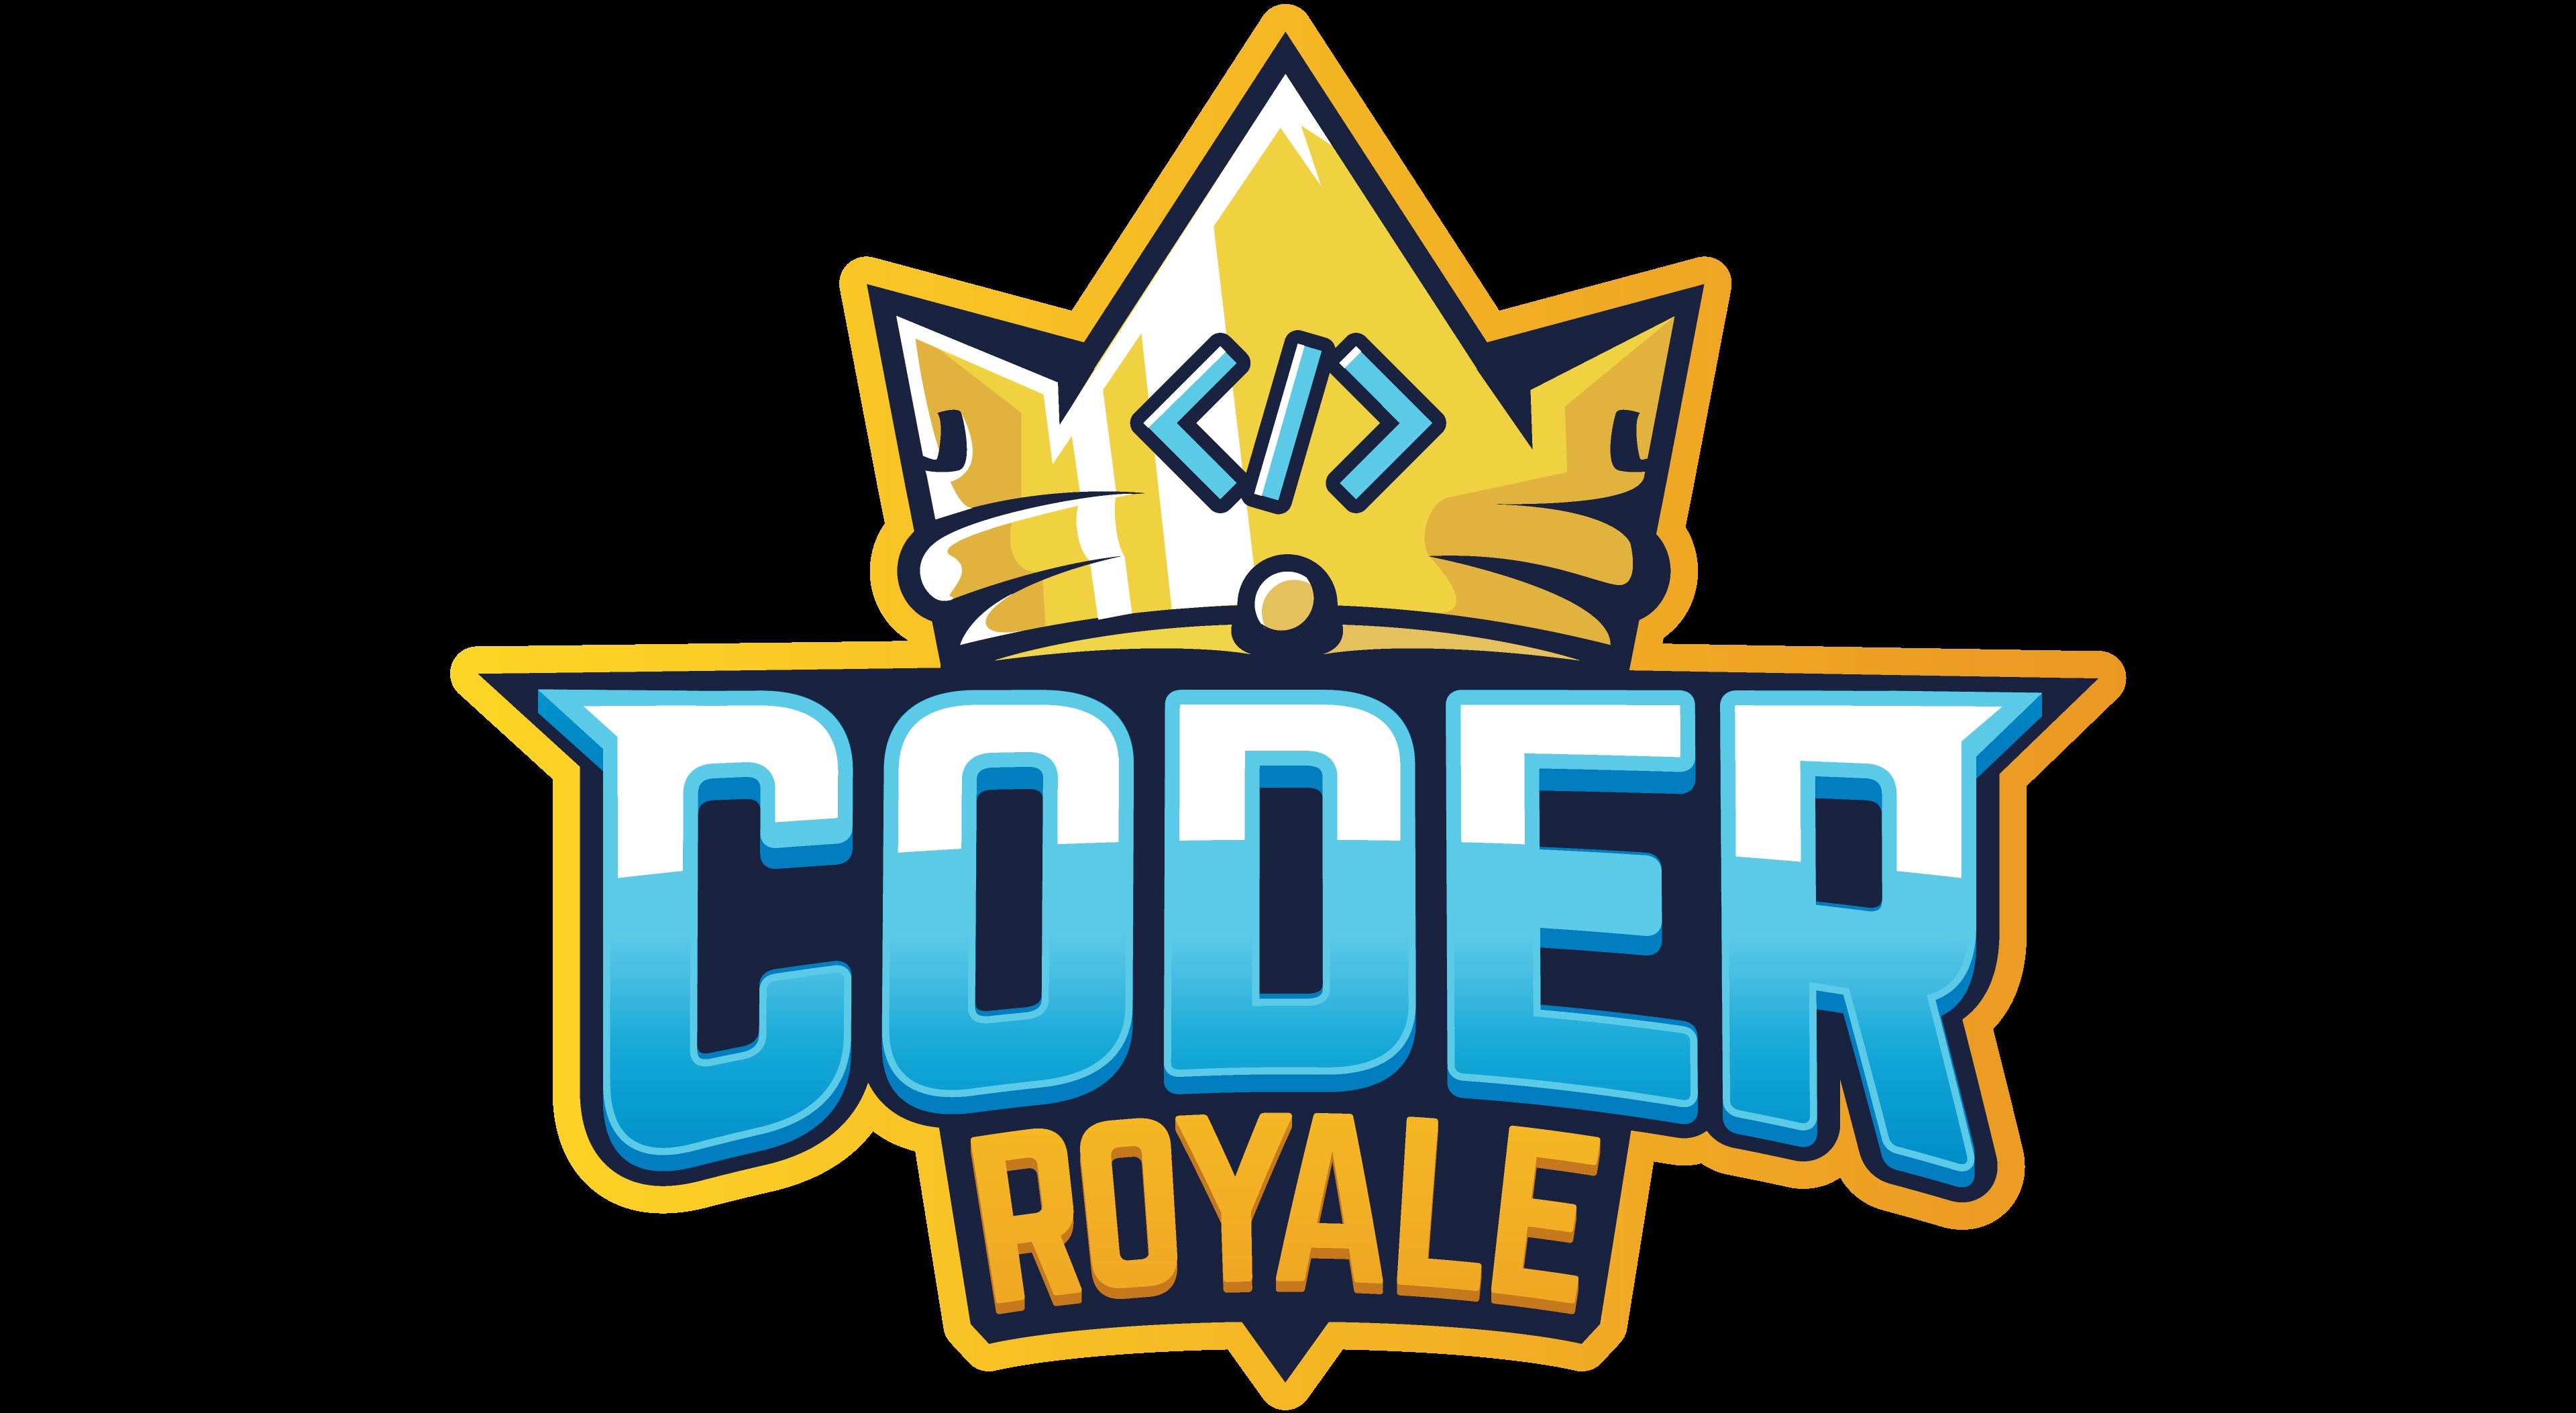 Coder Royale